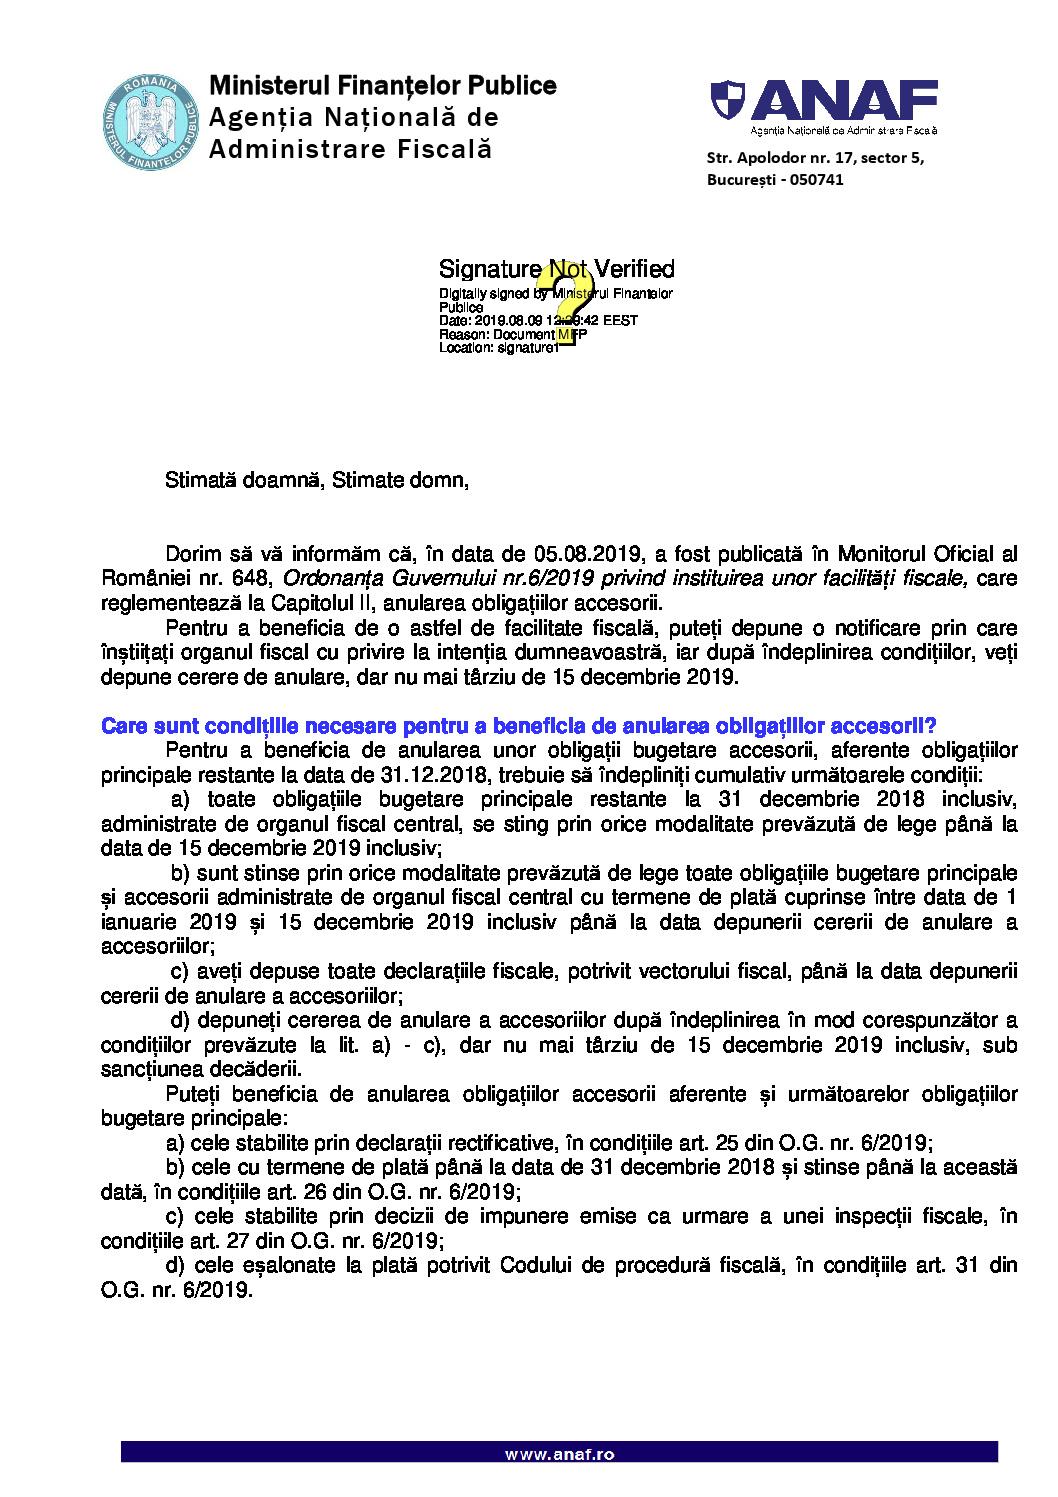 Informare privind instituirea unor facilități fiscale